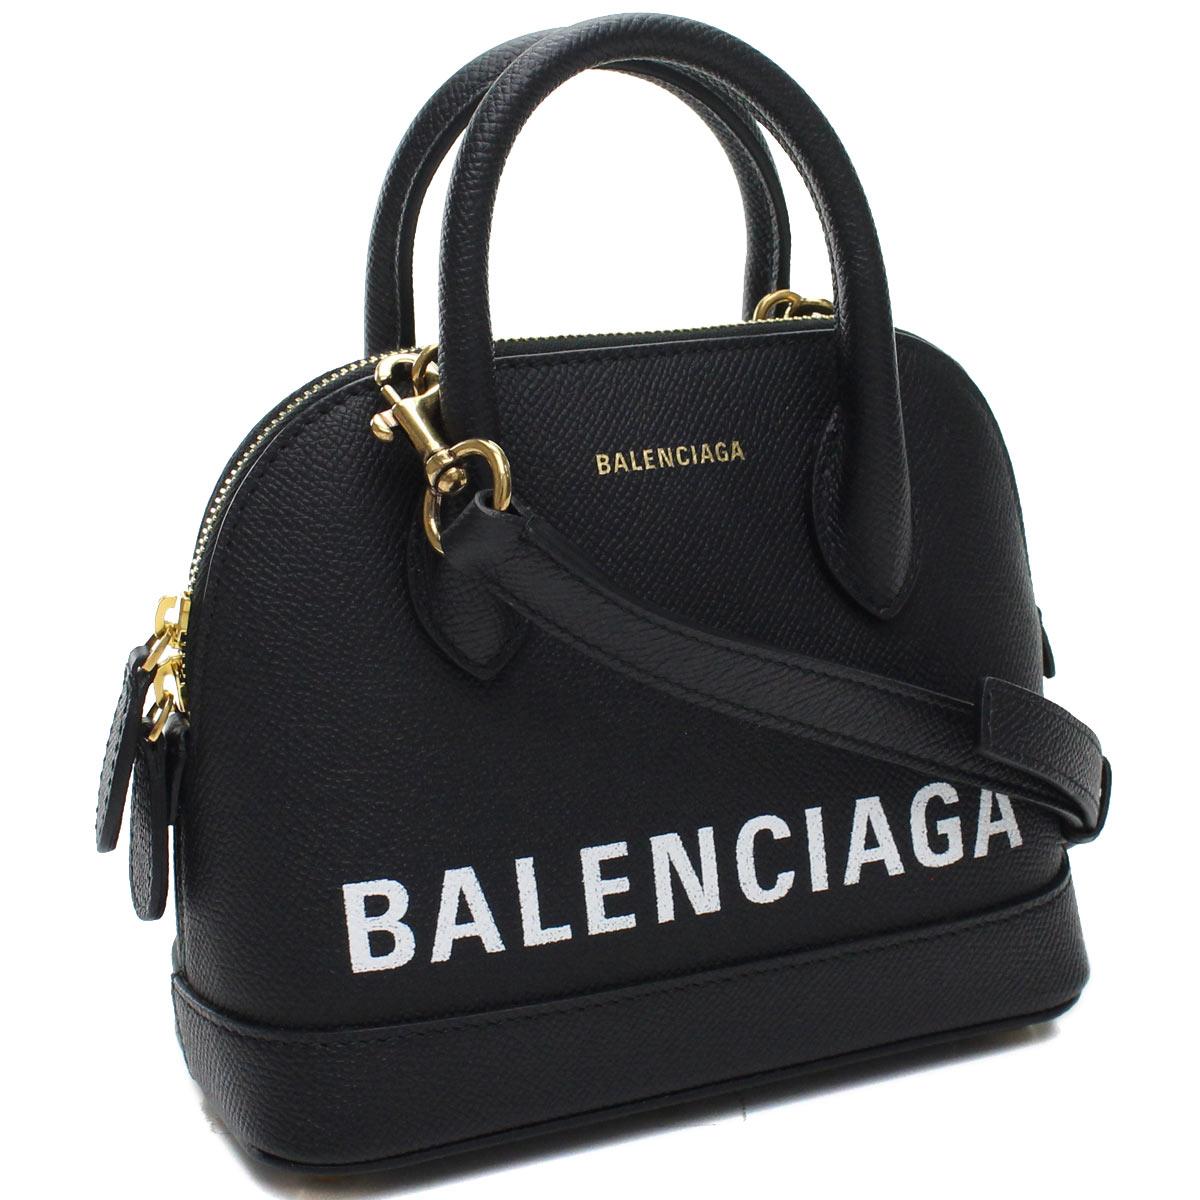 バレンシアガ BALENCIAGA VILLE ヴィル トップハンドル XXS 2way ハンドバッグ 550646 0OTDM 1000 ブラック レディース 【キャッシュレス 5% 還元】